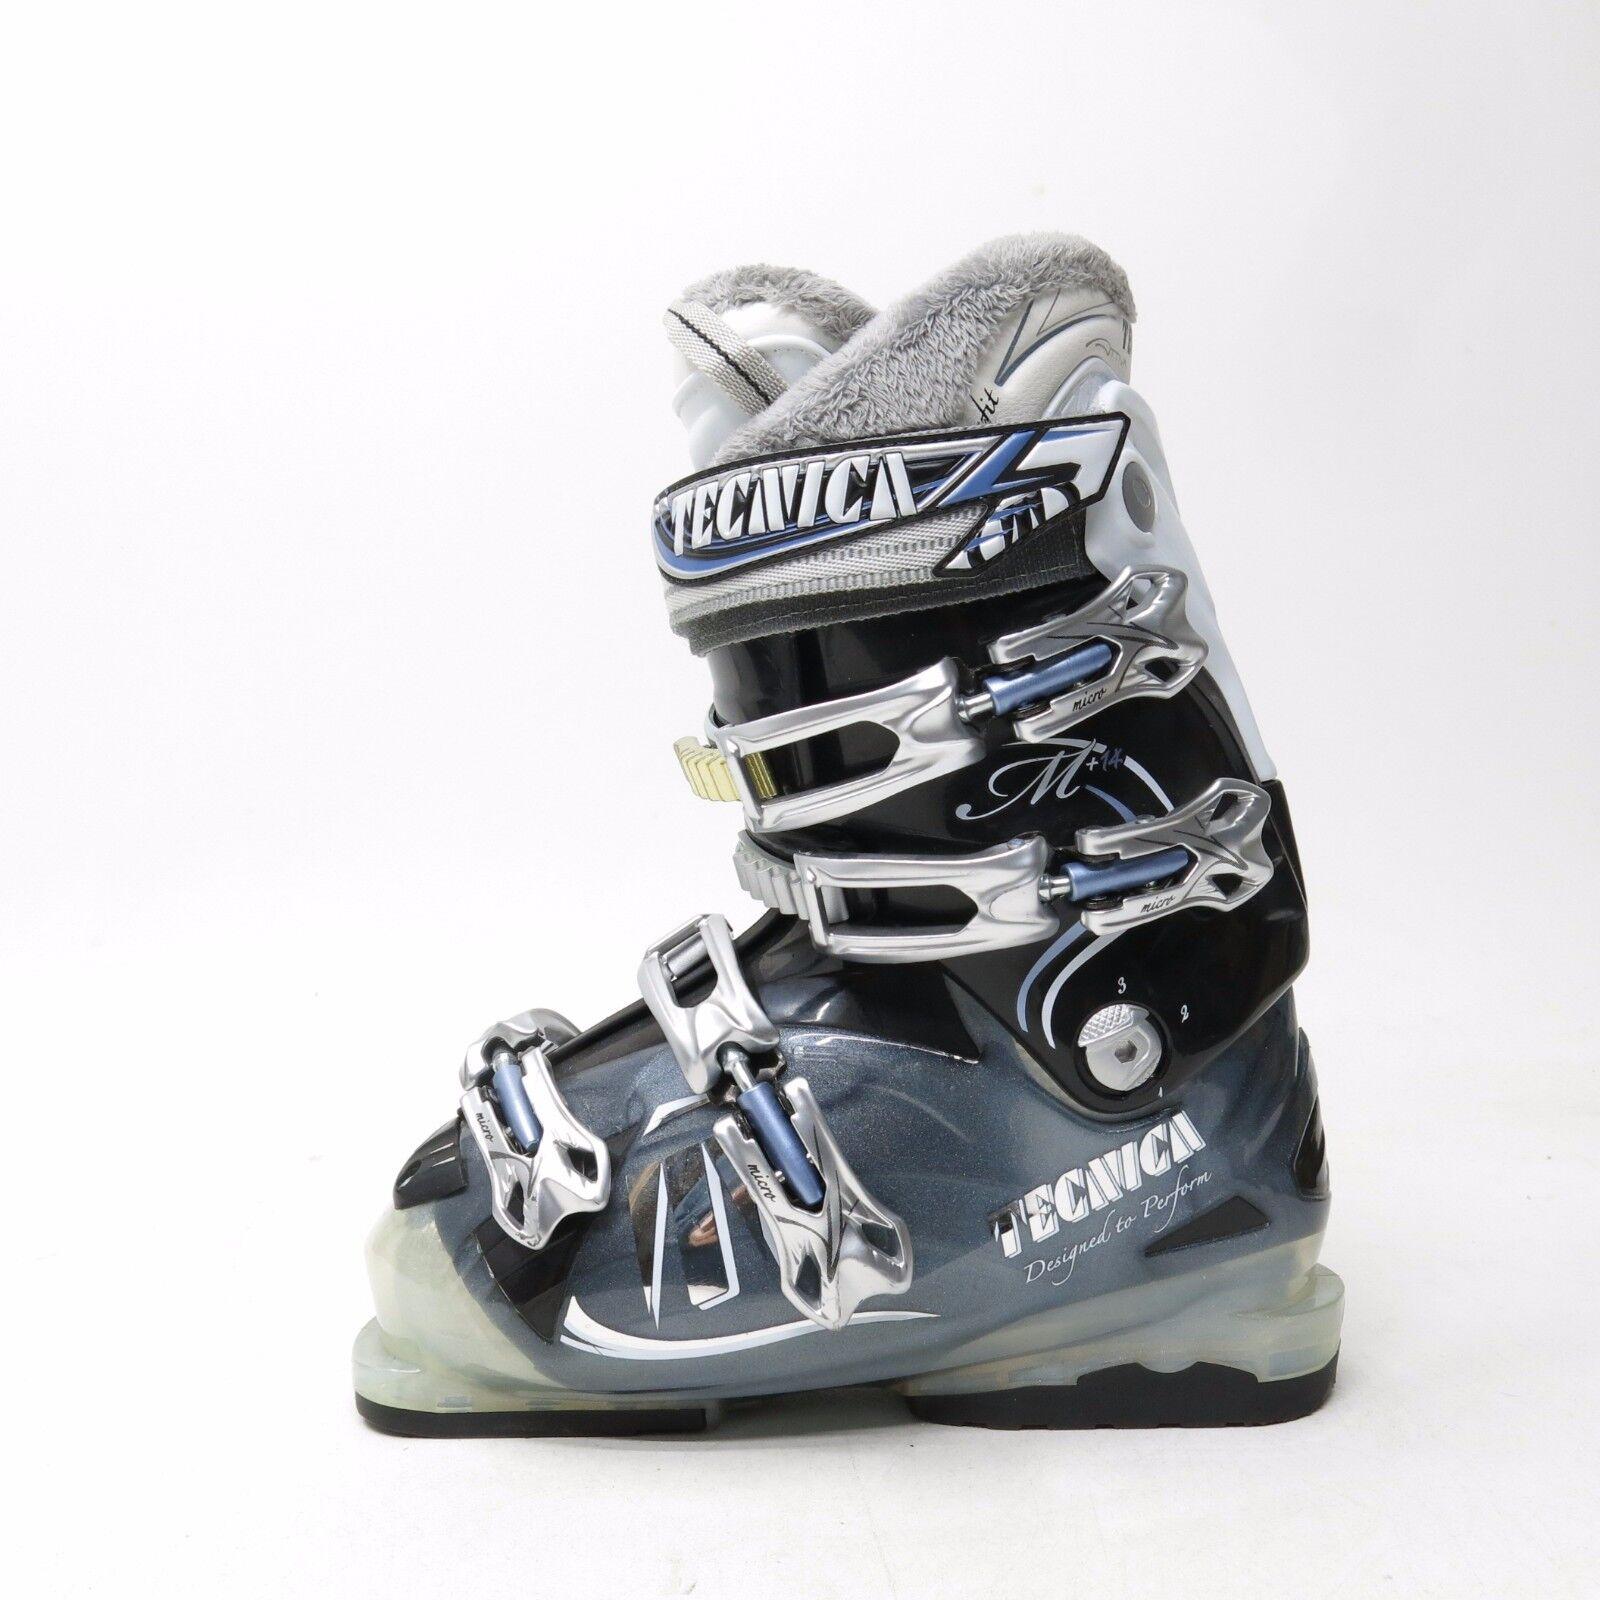 La tecnica femenina attiva M14 es perfecta para las botas de esquí SZ 23,5 por una vez ¡La tecnica femenina attiva M14 es perfecta para las botas de esquí SZ 23,5 por una vez